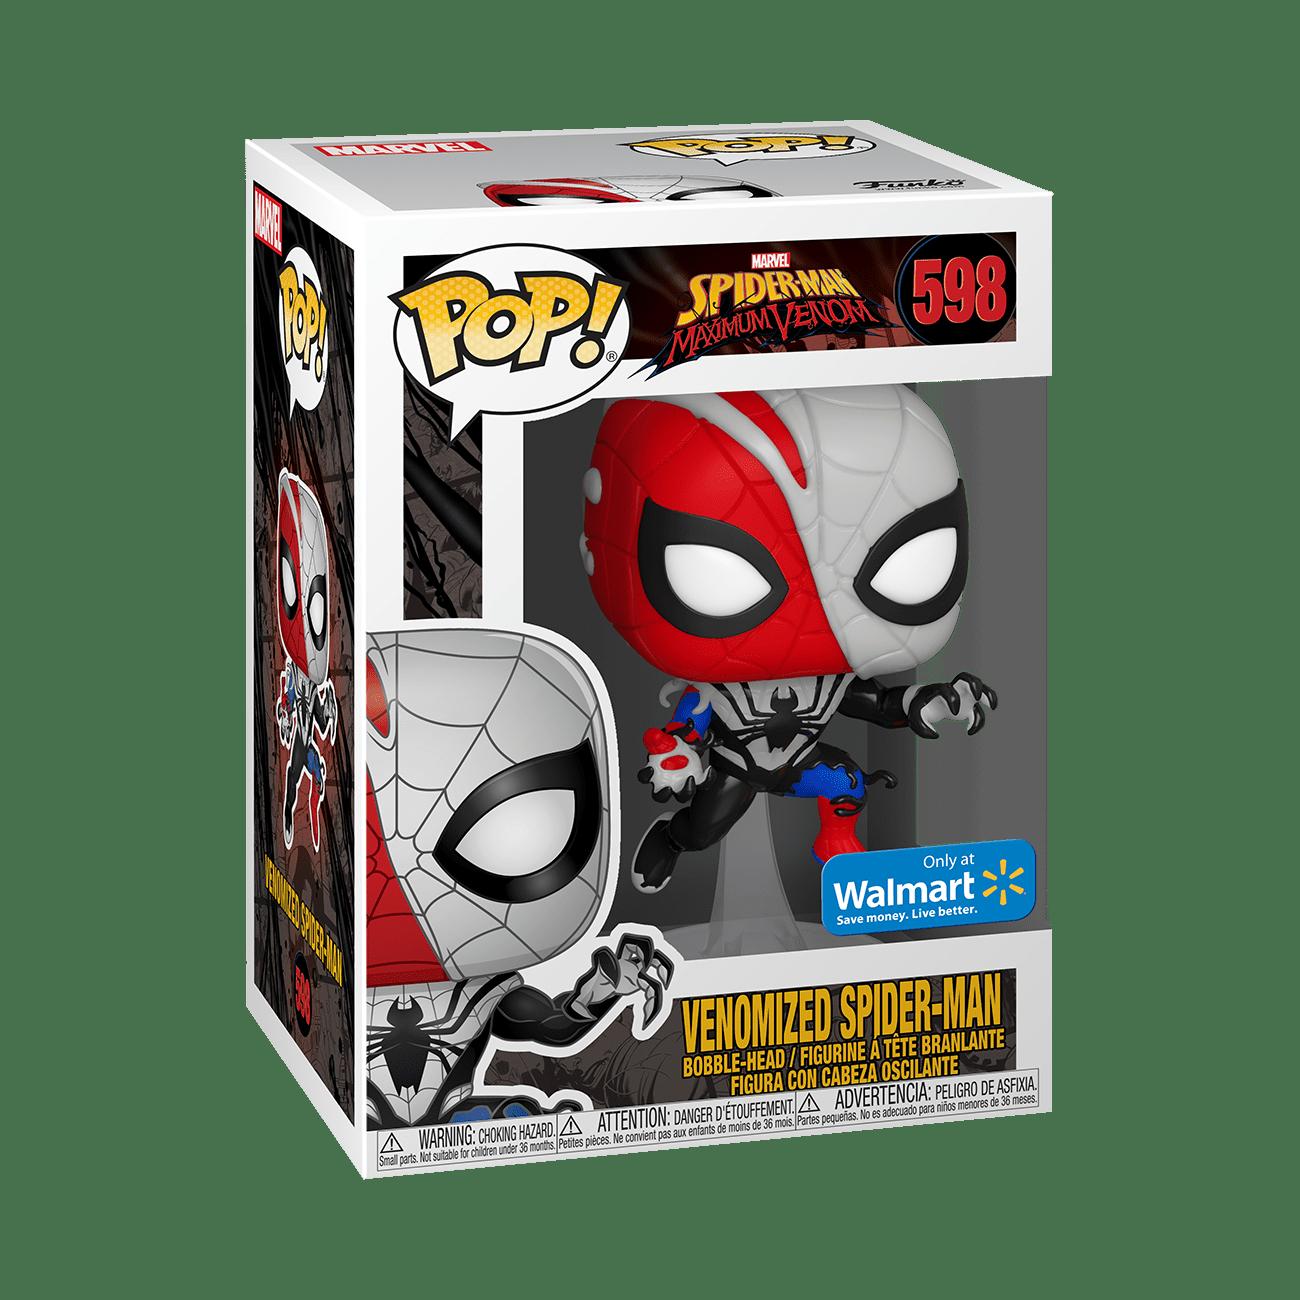 Auto Tag Venom Marvel Superhero Custom Mirror License Plate Vanity Plate